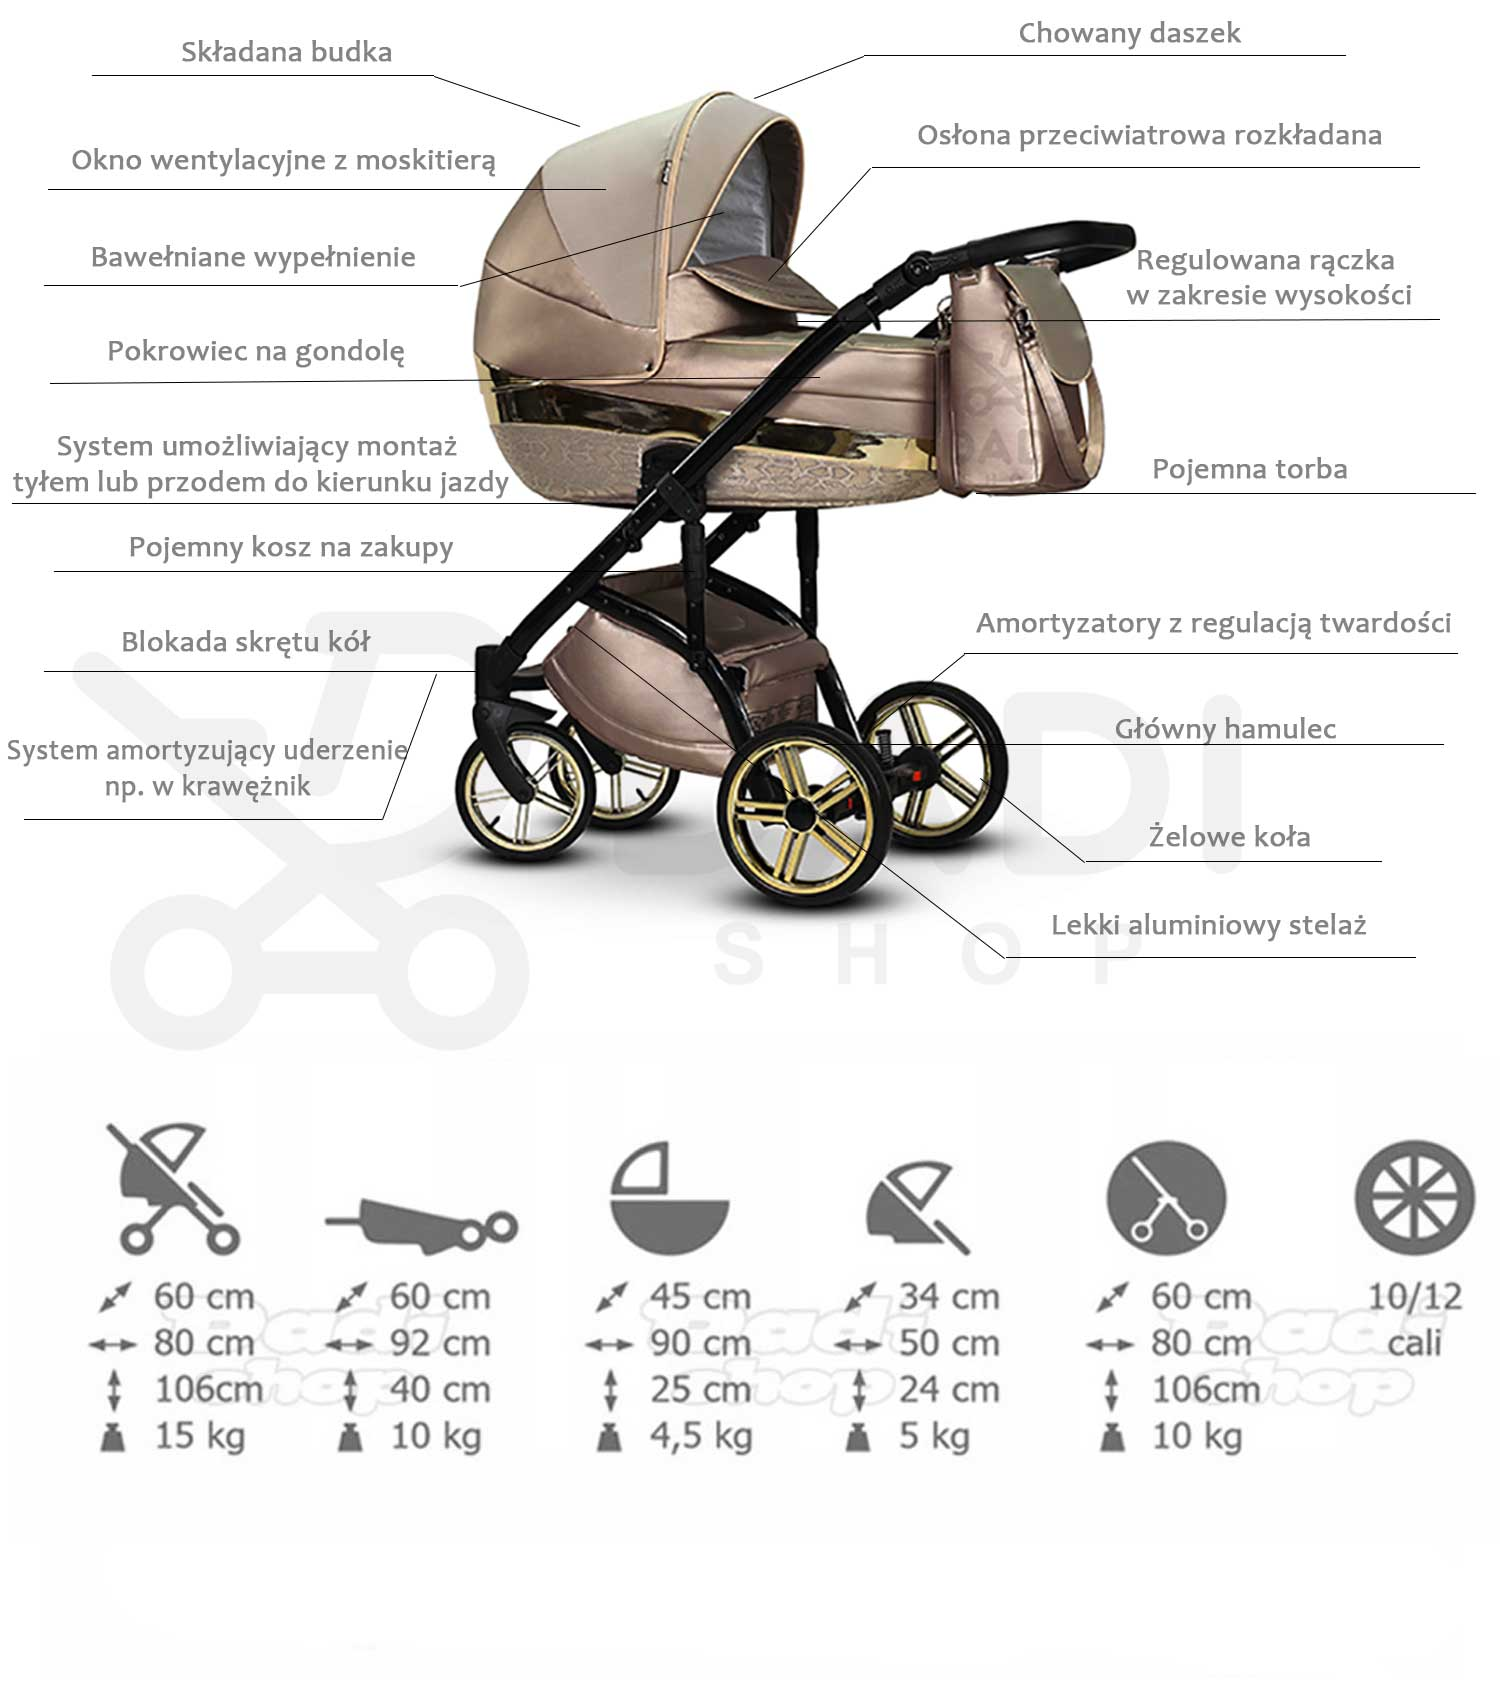 wózek dziecięcy Canyon wiejar specyfikacja